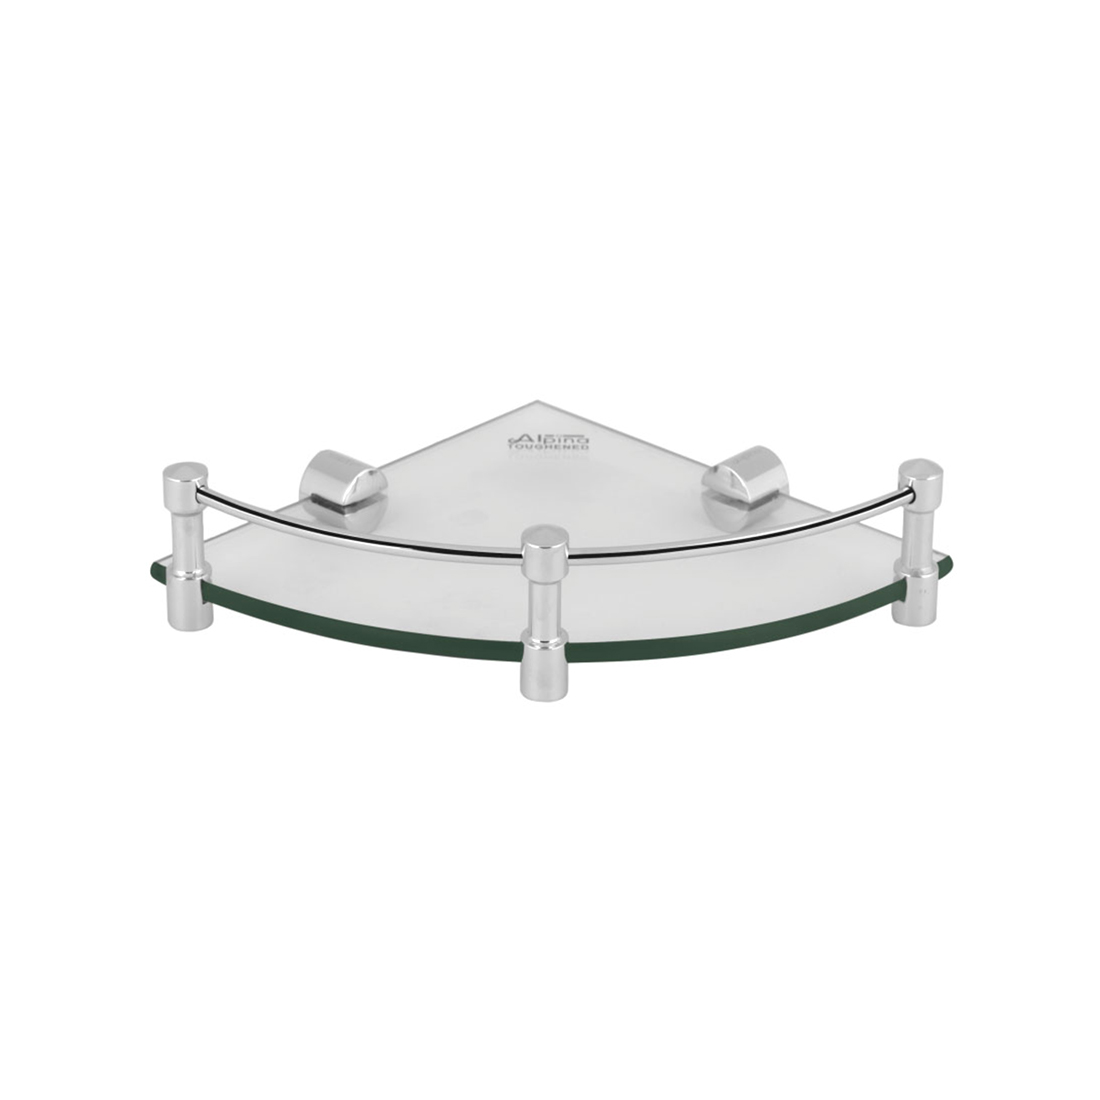 Kerovit KA980013 Oval Range Glass Corner Shelf